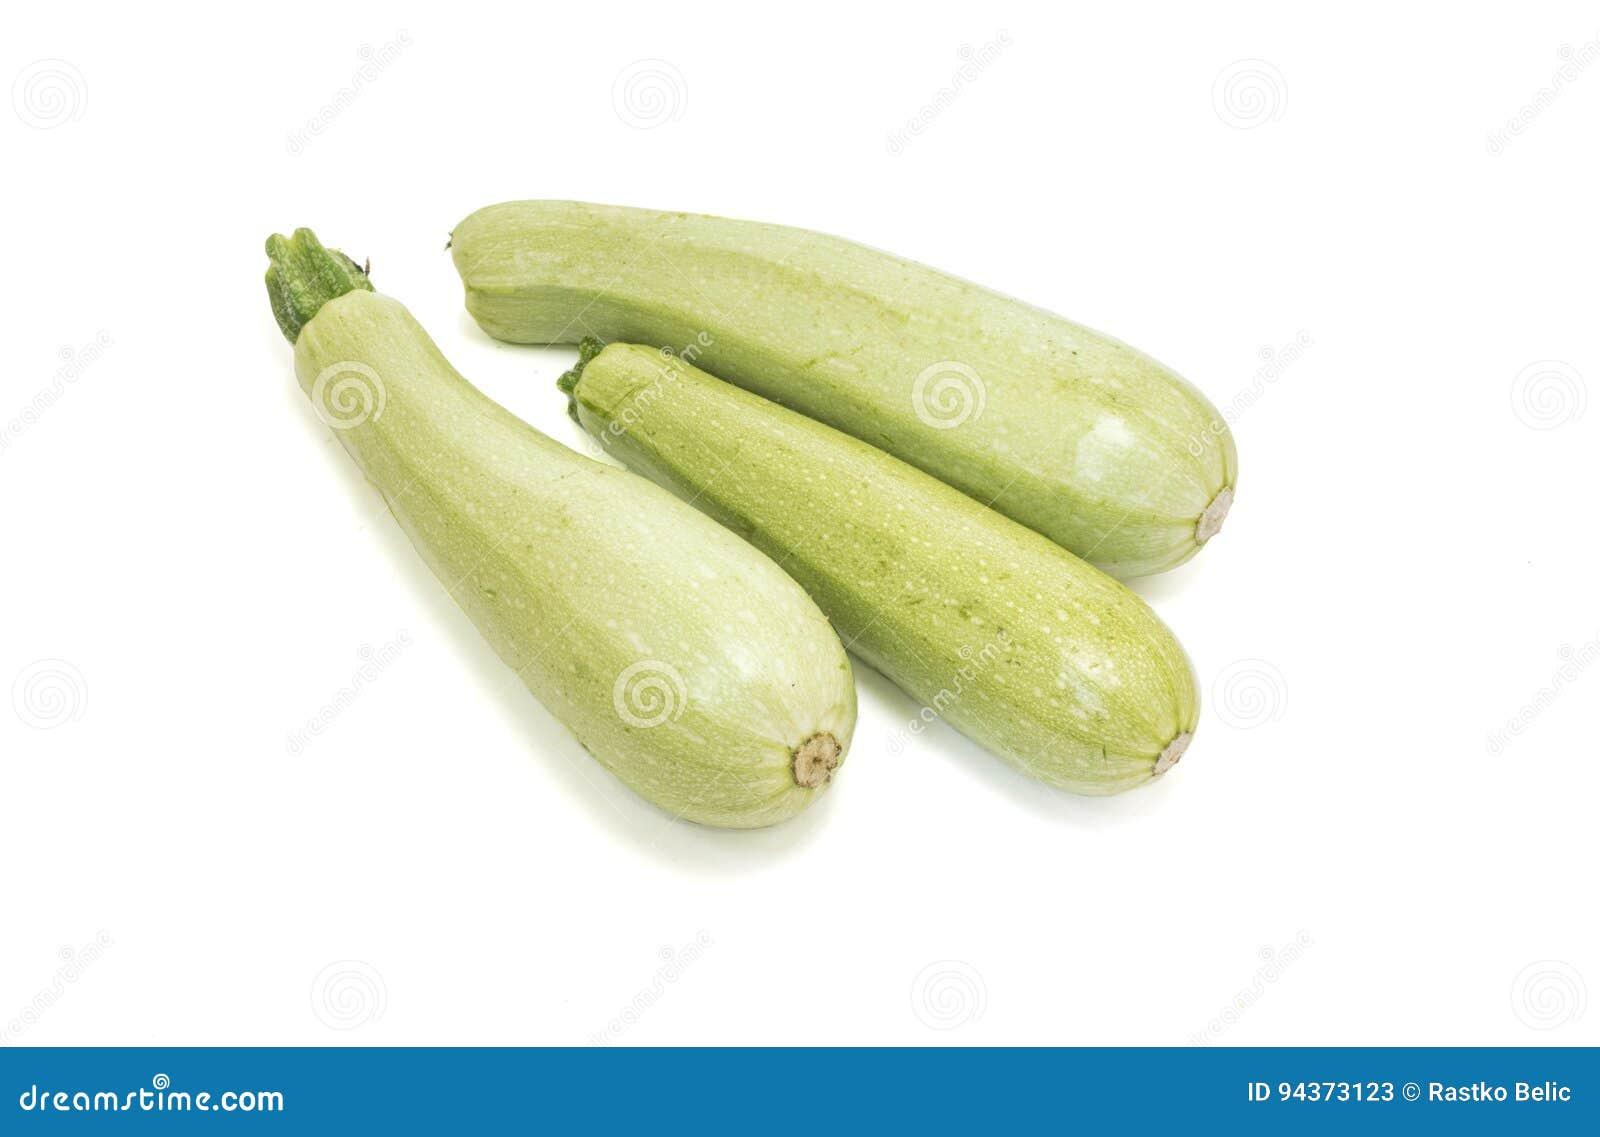 Zucchini crudo isolato su bianco